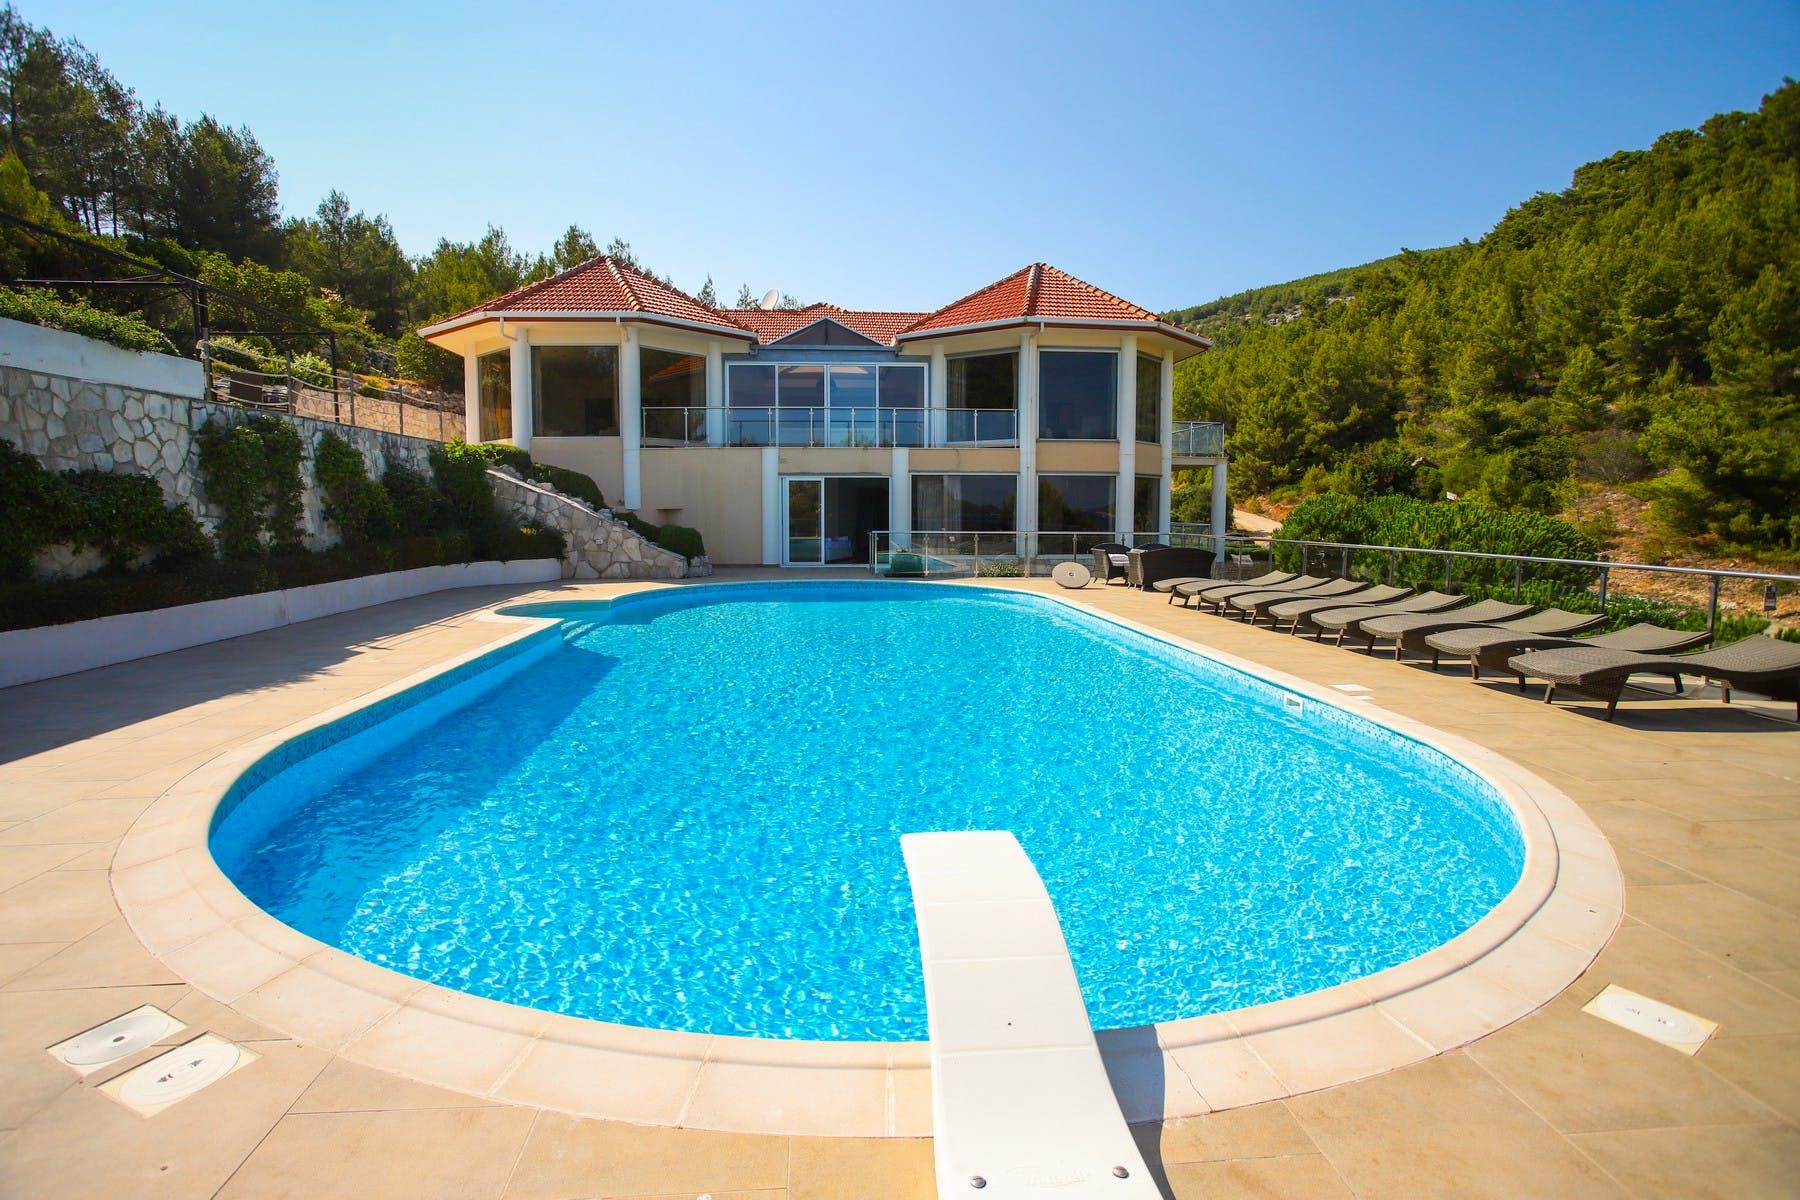 Luksuzna vila s velikim bazenom